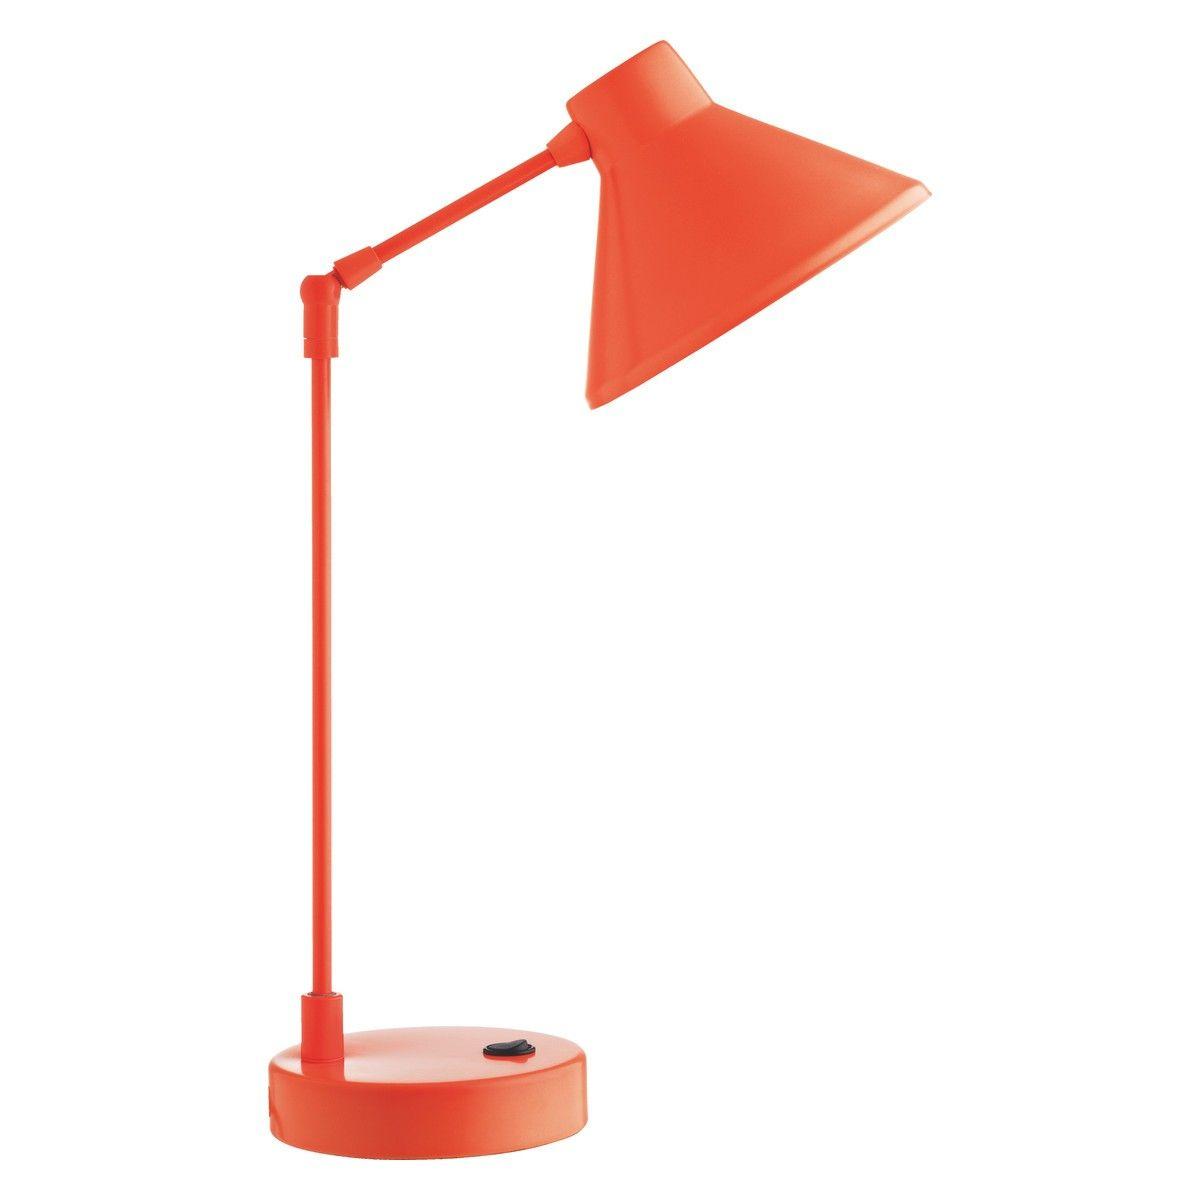 Bobby fluorescent orange metal desk lamp buy now at habitat uk bobby fluorescent orange metal desk lamp buy now at habitat uk 15 geotapseo Gallery